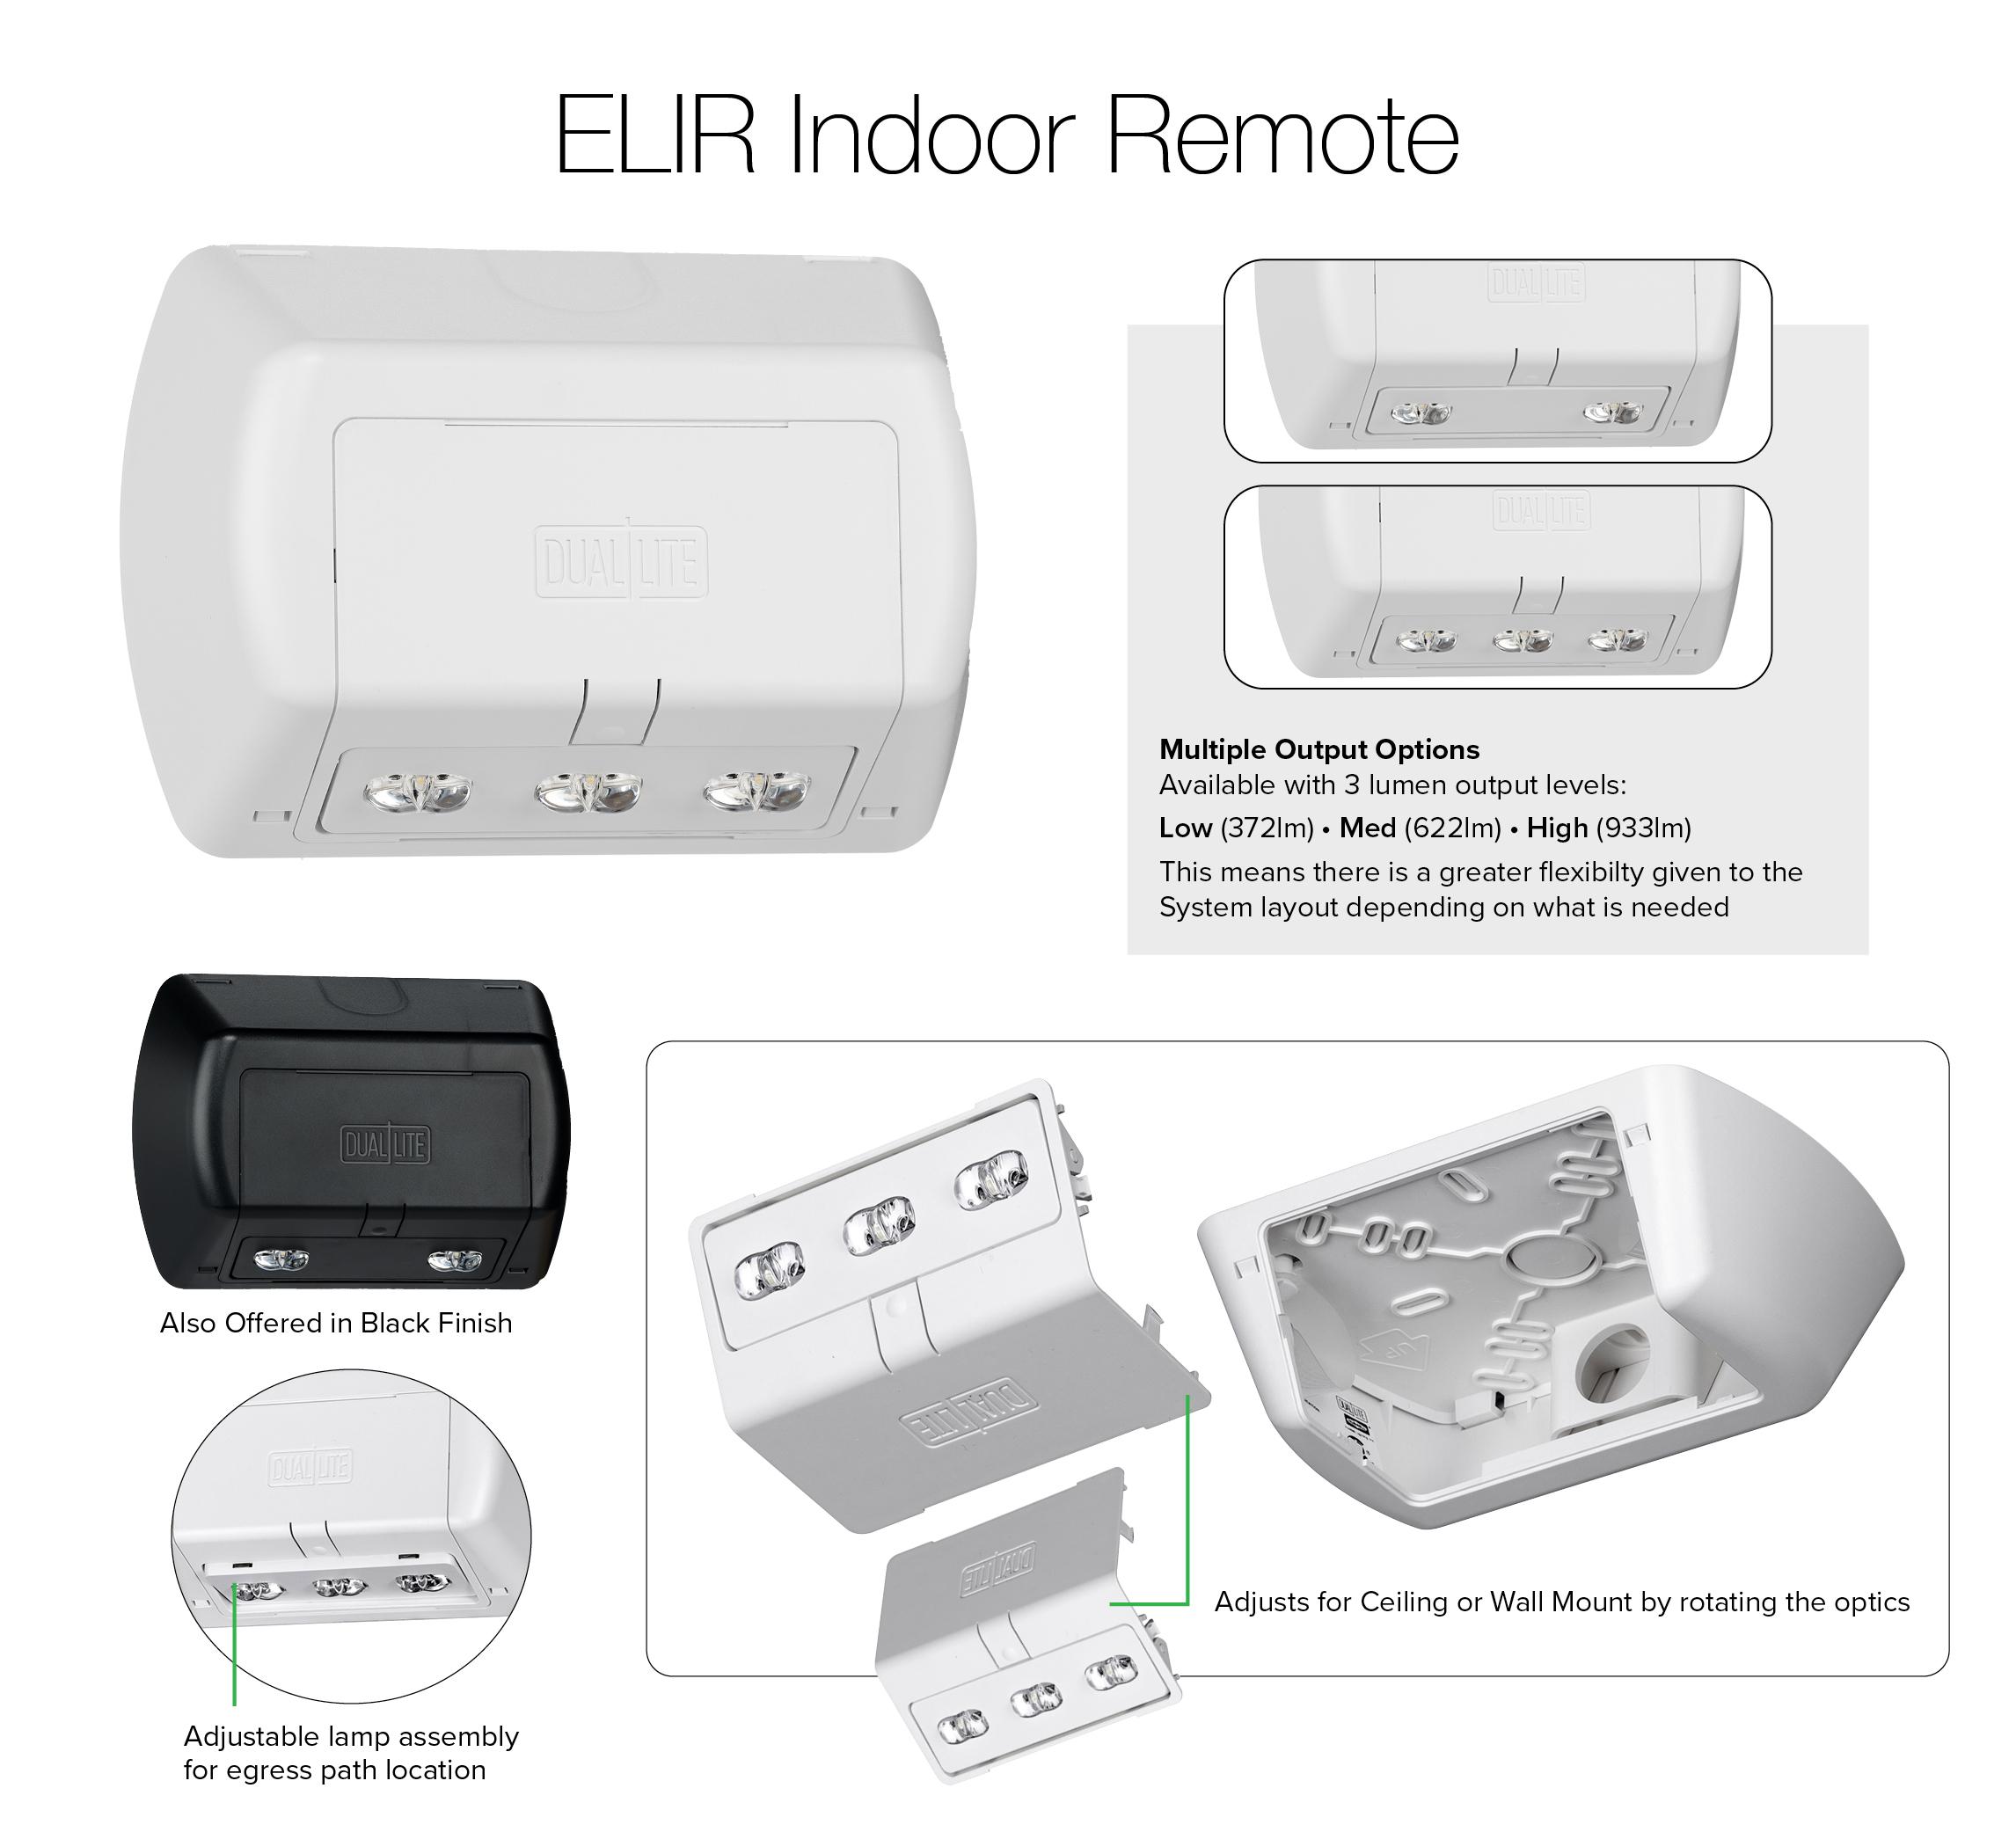 ELSS Indoor Remote